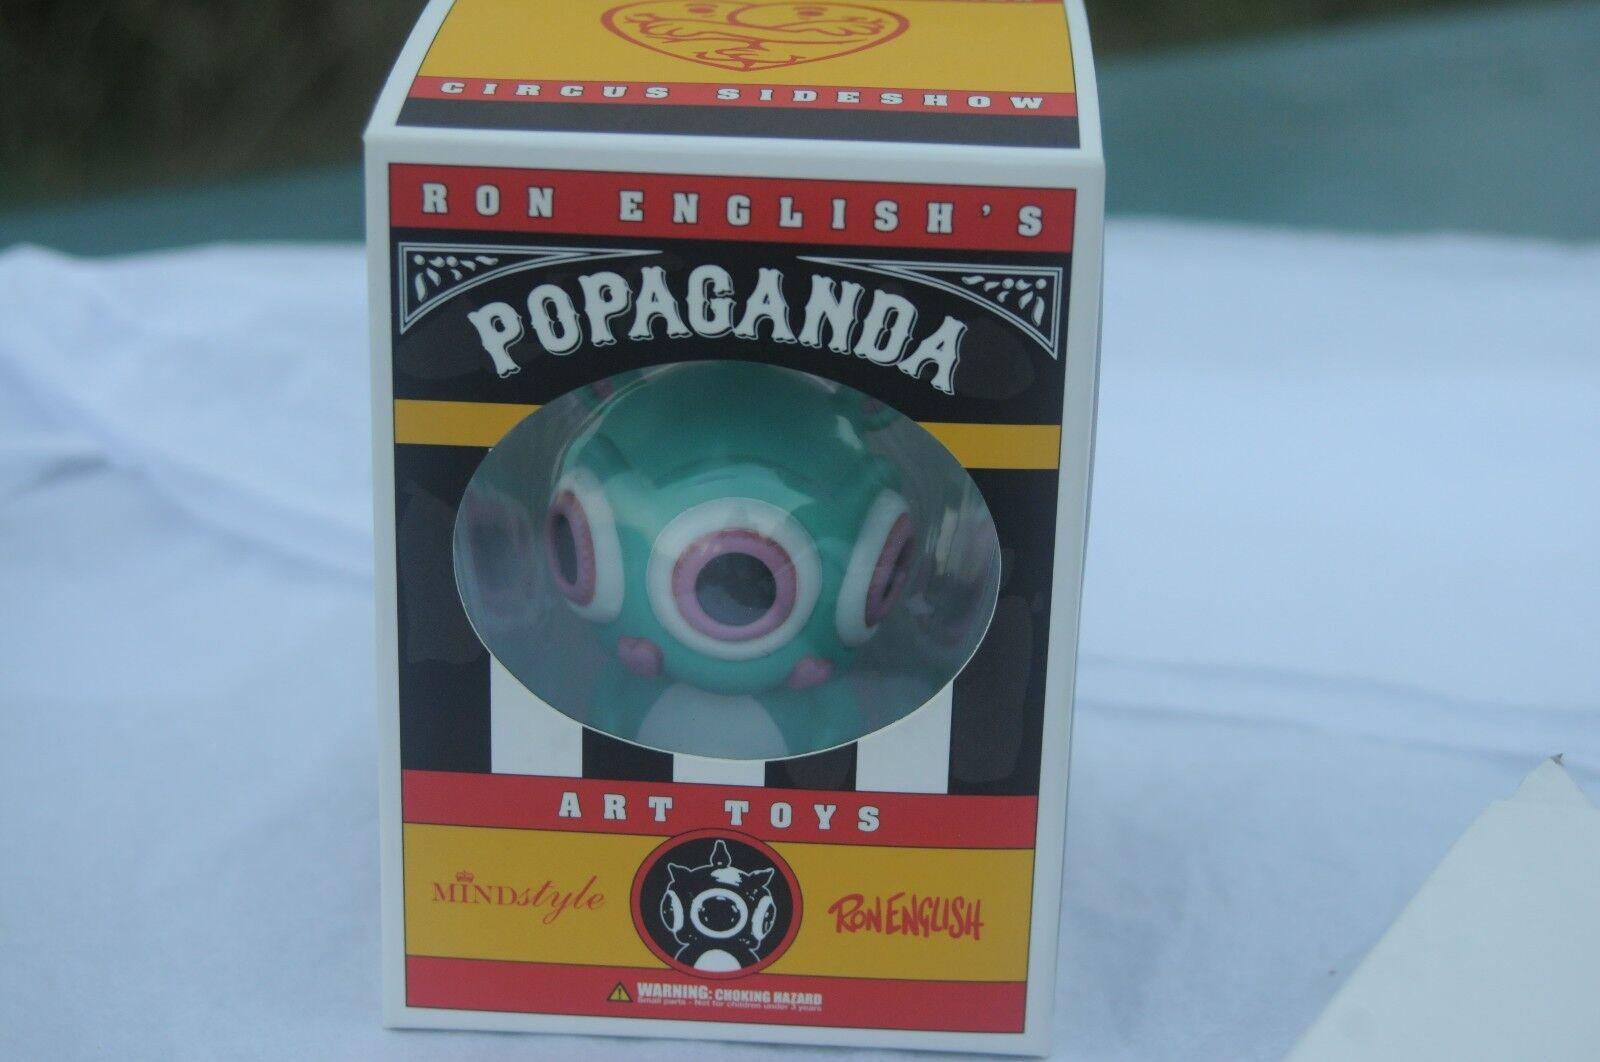 autorización oficial Ron Inglés Firmado Ronnnie rabbbit Circus Sideshow Mindstyle Popaganda Popaganda Popaganda Conejo  muchas sorpresas